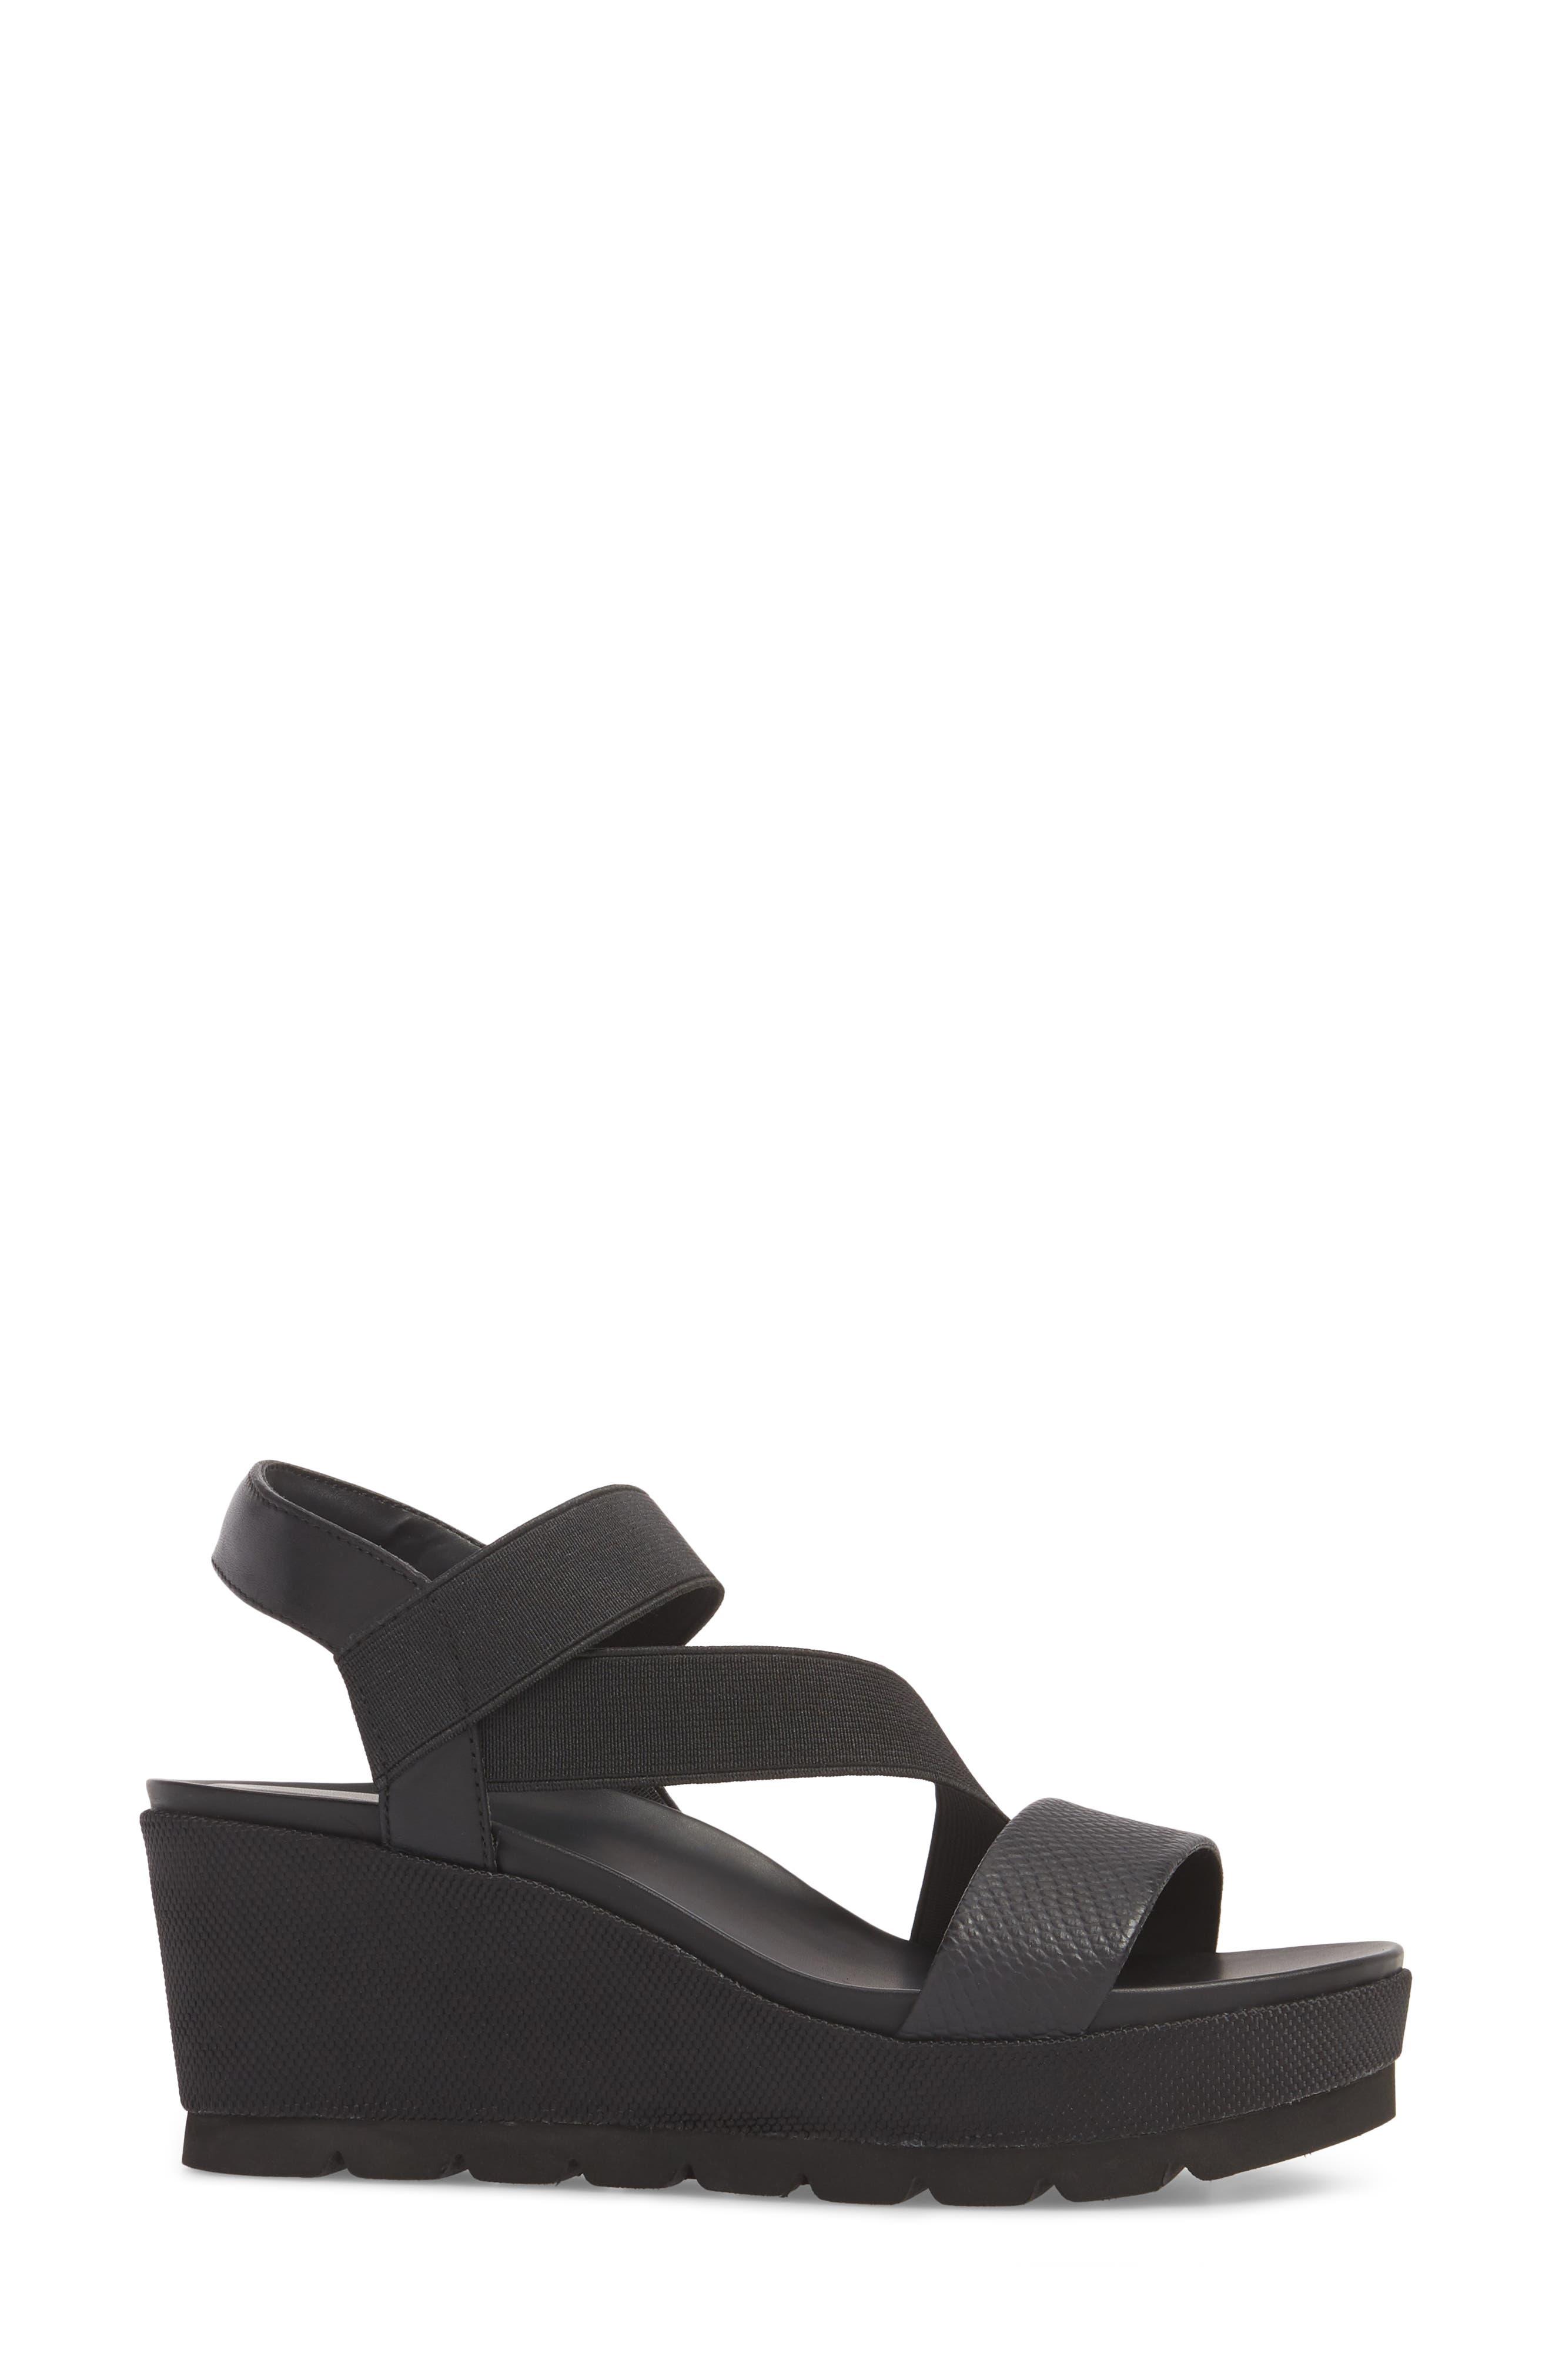 TT-Gabel Sandal,                             Alternate thumbnail 3, color,                             Black Leather